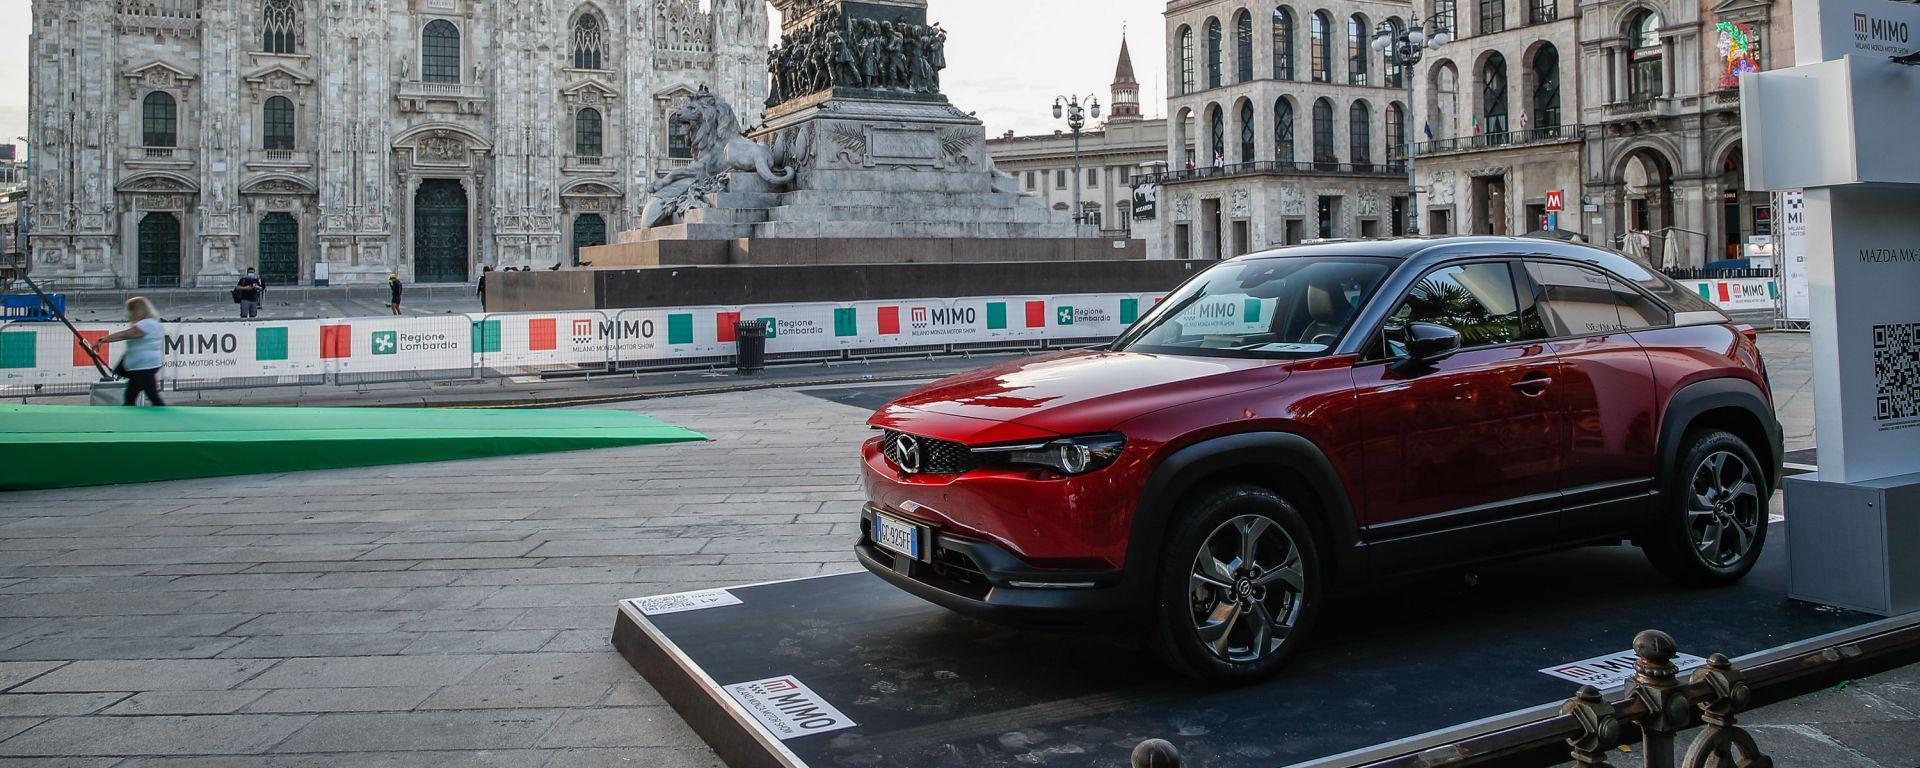 Mazda a MIMO 2021: l'intervista a Roberto Pietrantonio, Amministratore Delegato di Mazda Italia